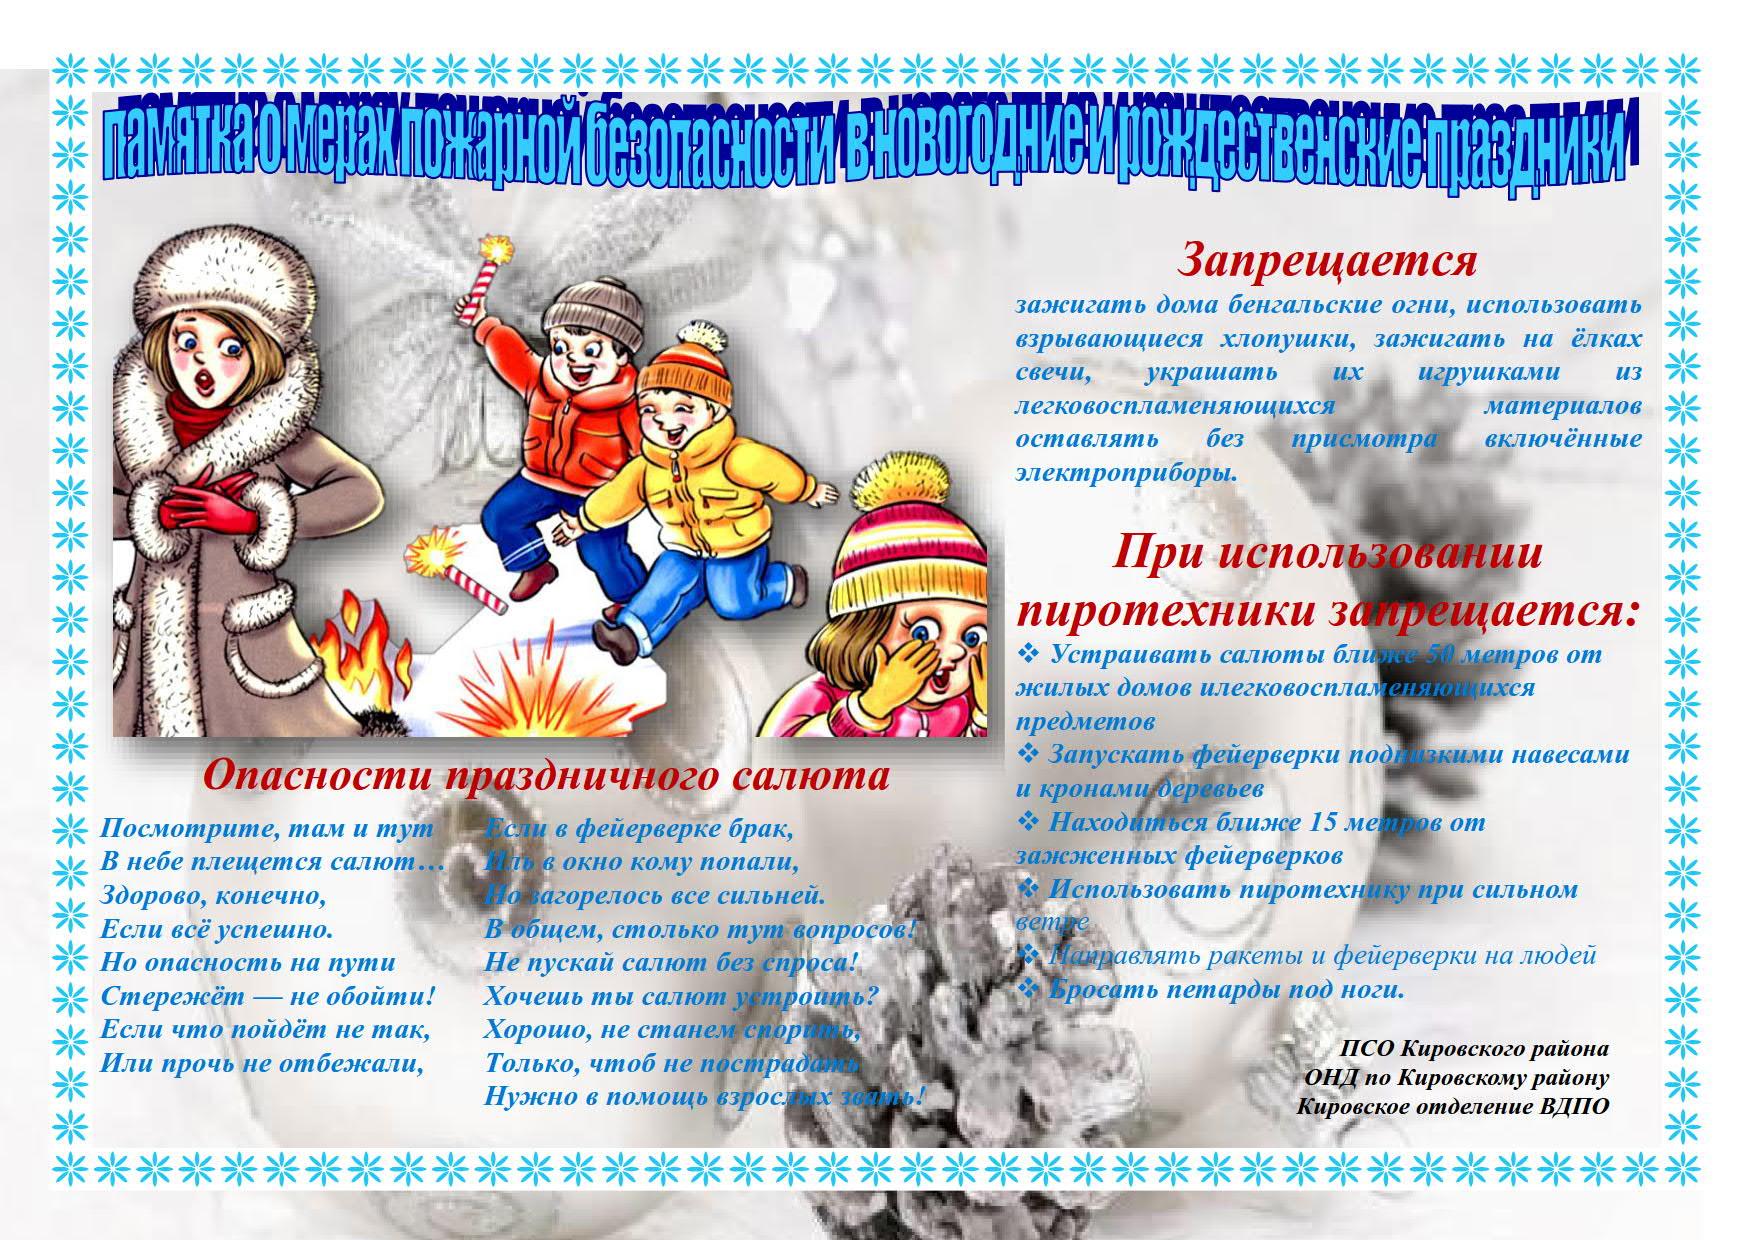 памятка НГ 2019-2020_1